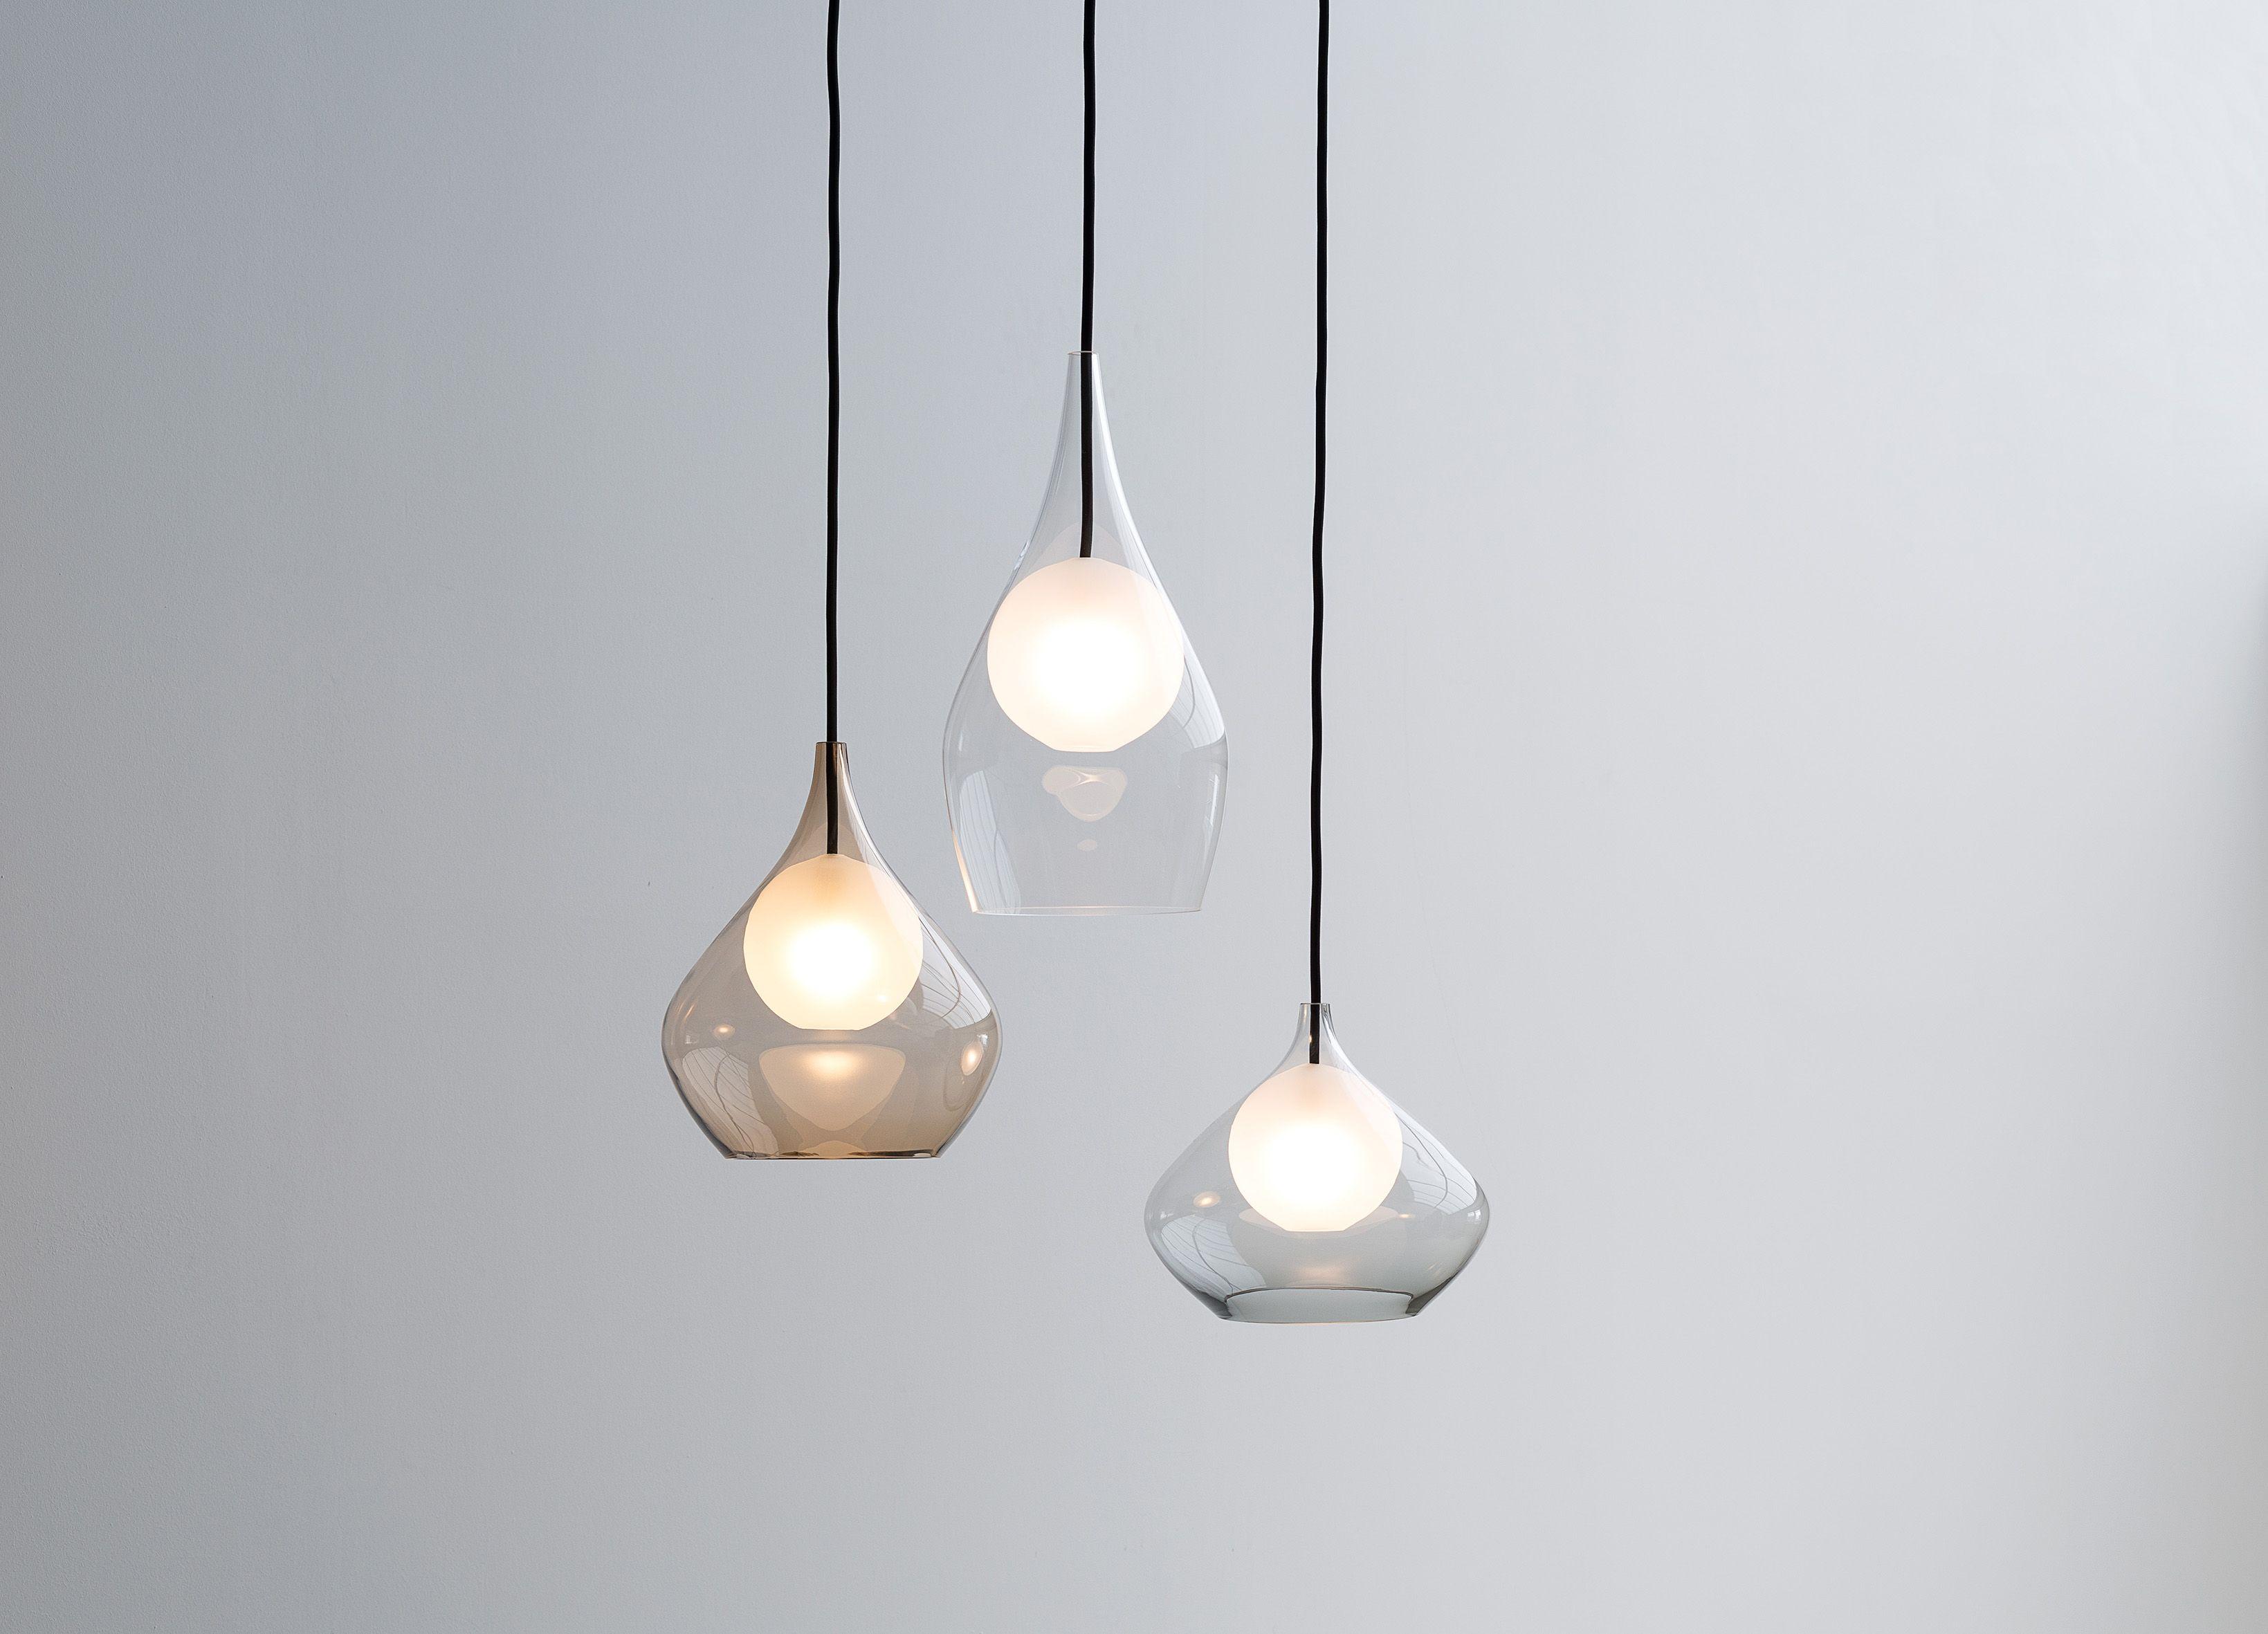 789c3e13361f114562f1a3f878d0bfab Spannende Lampe Mit Mehreren Schirmen Dekorationen